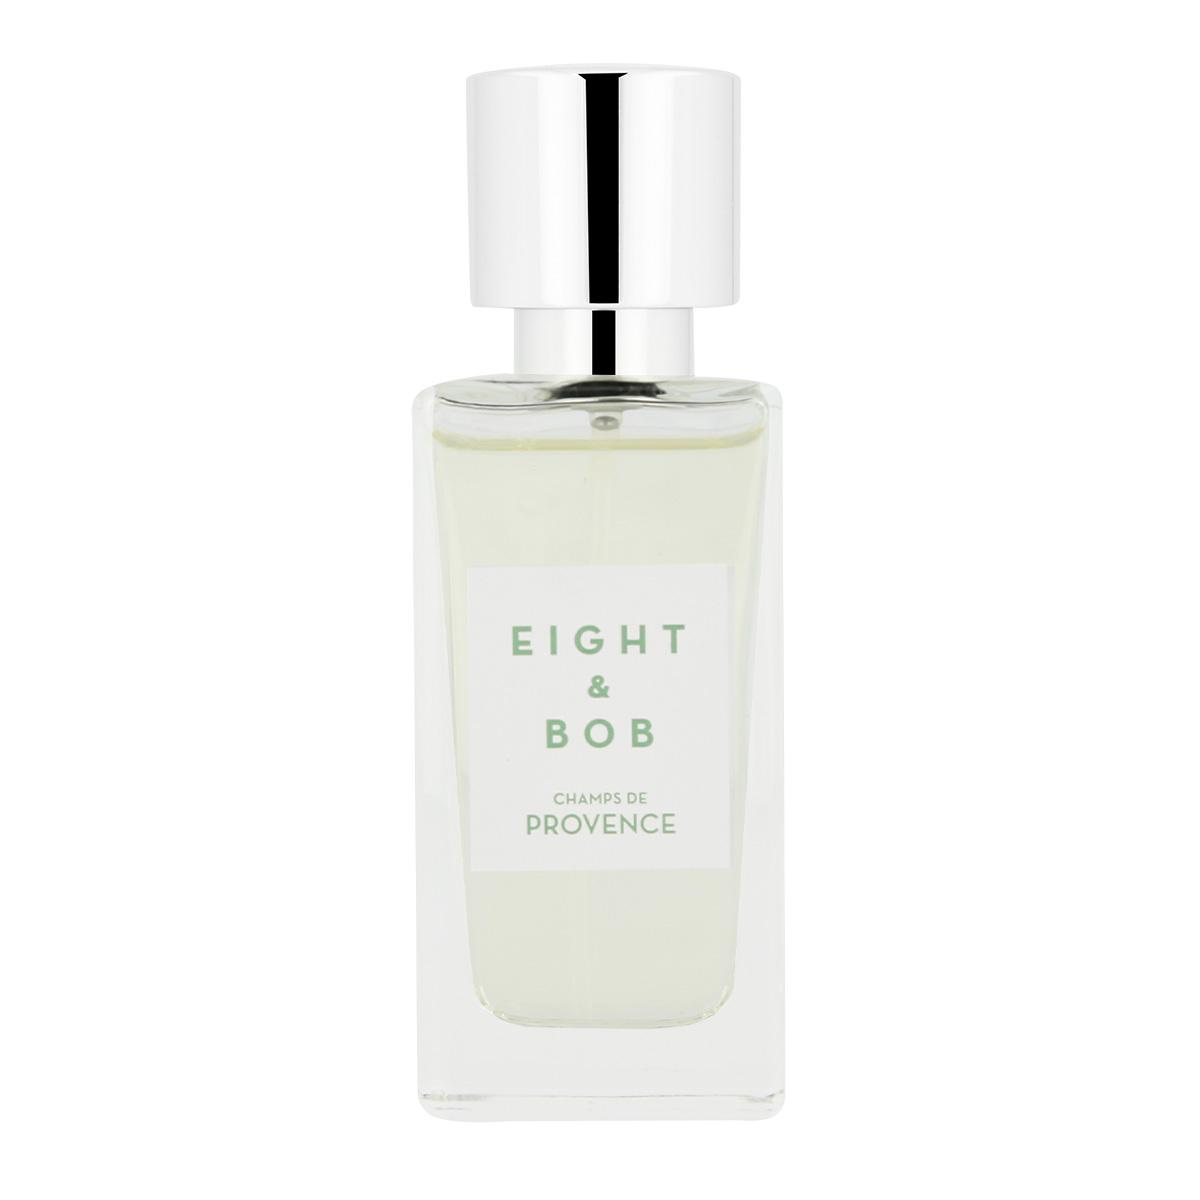 Eight & Bob Champs de Provence Eau De Parfum 30 ml (unisex) 102747